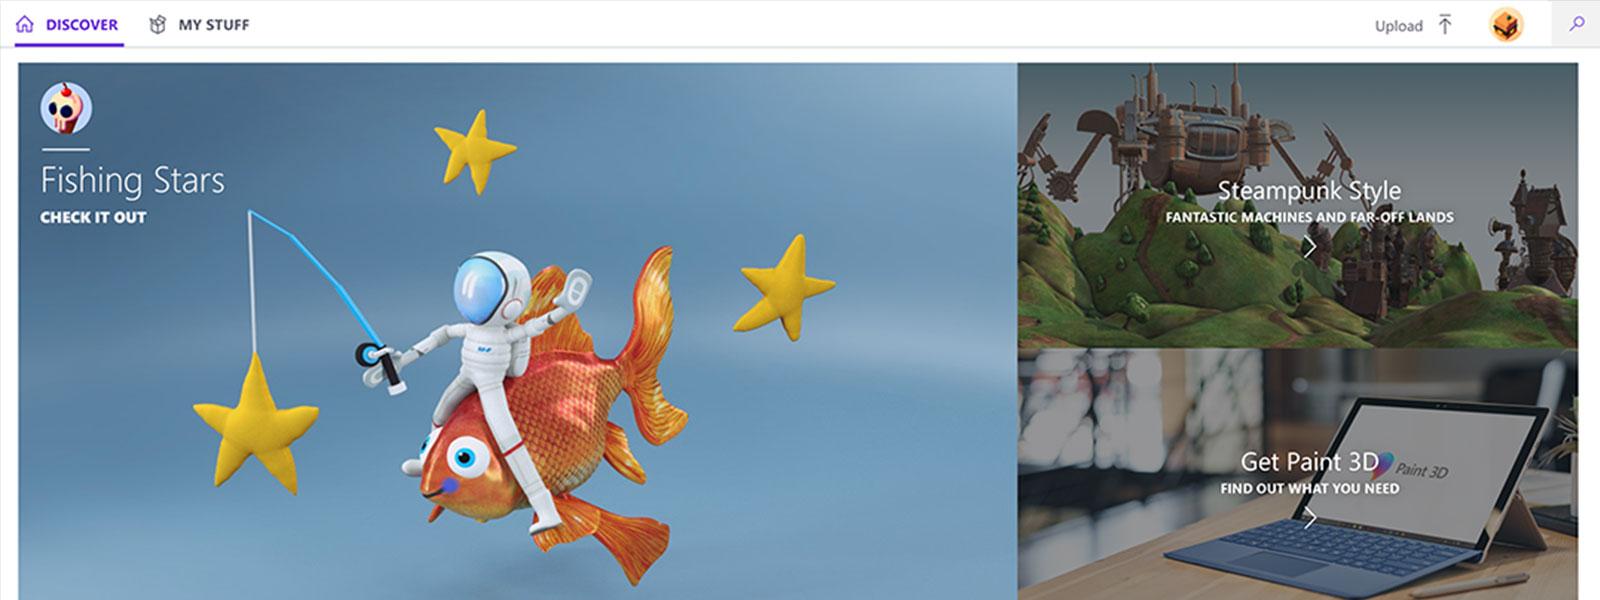 Windows Paint 3D-afbeelding van vis met sterren